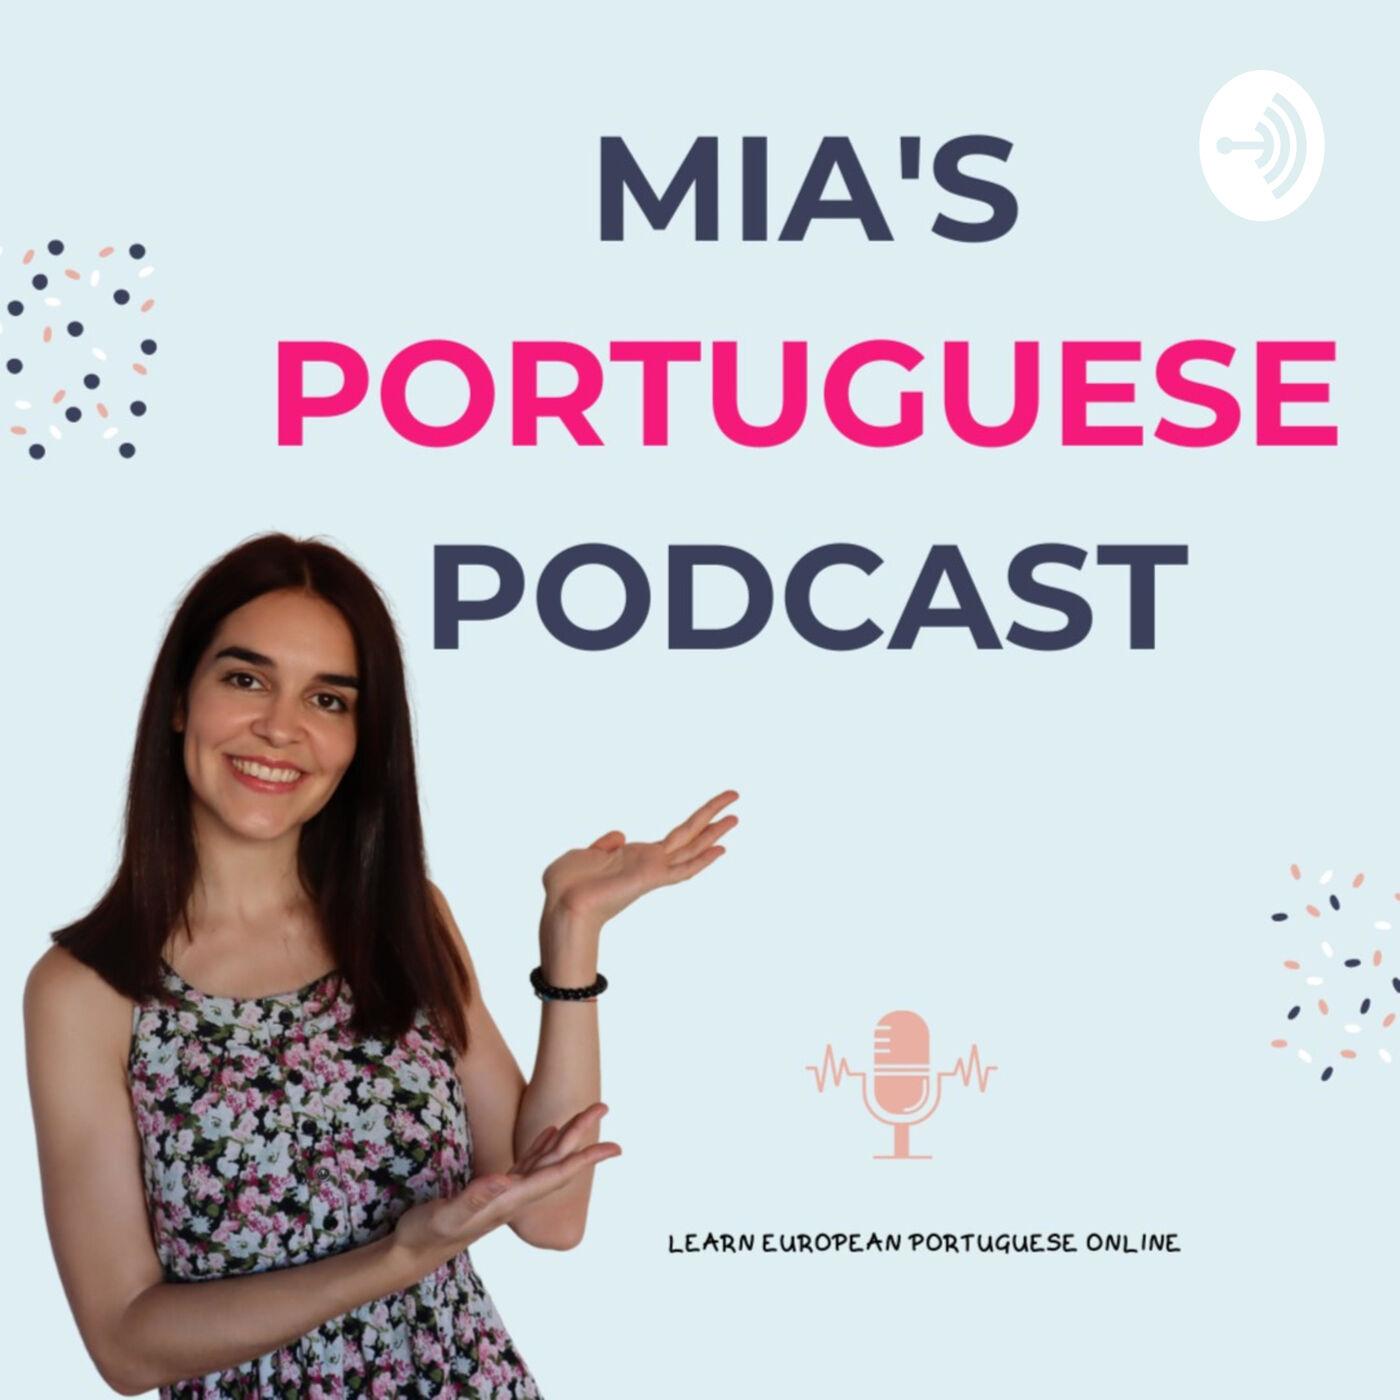 Mia's Portuguese Podcast 13 - A minha paixão 🥰